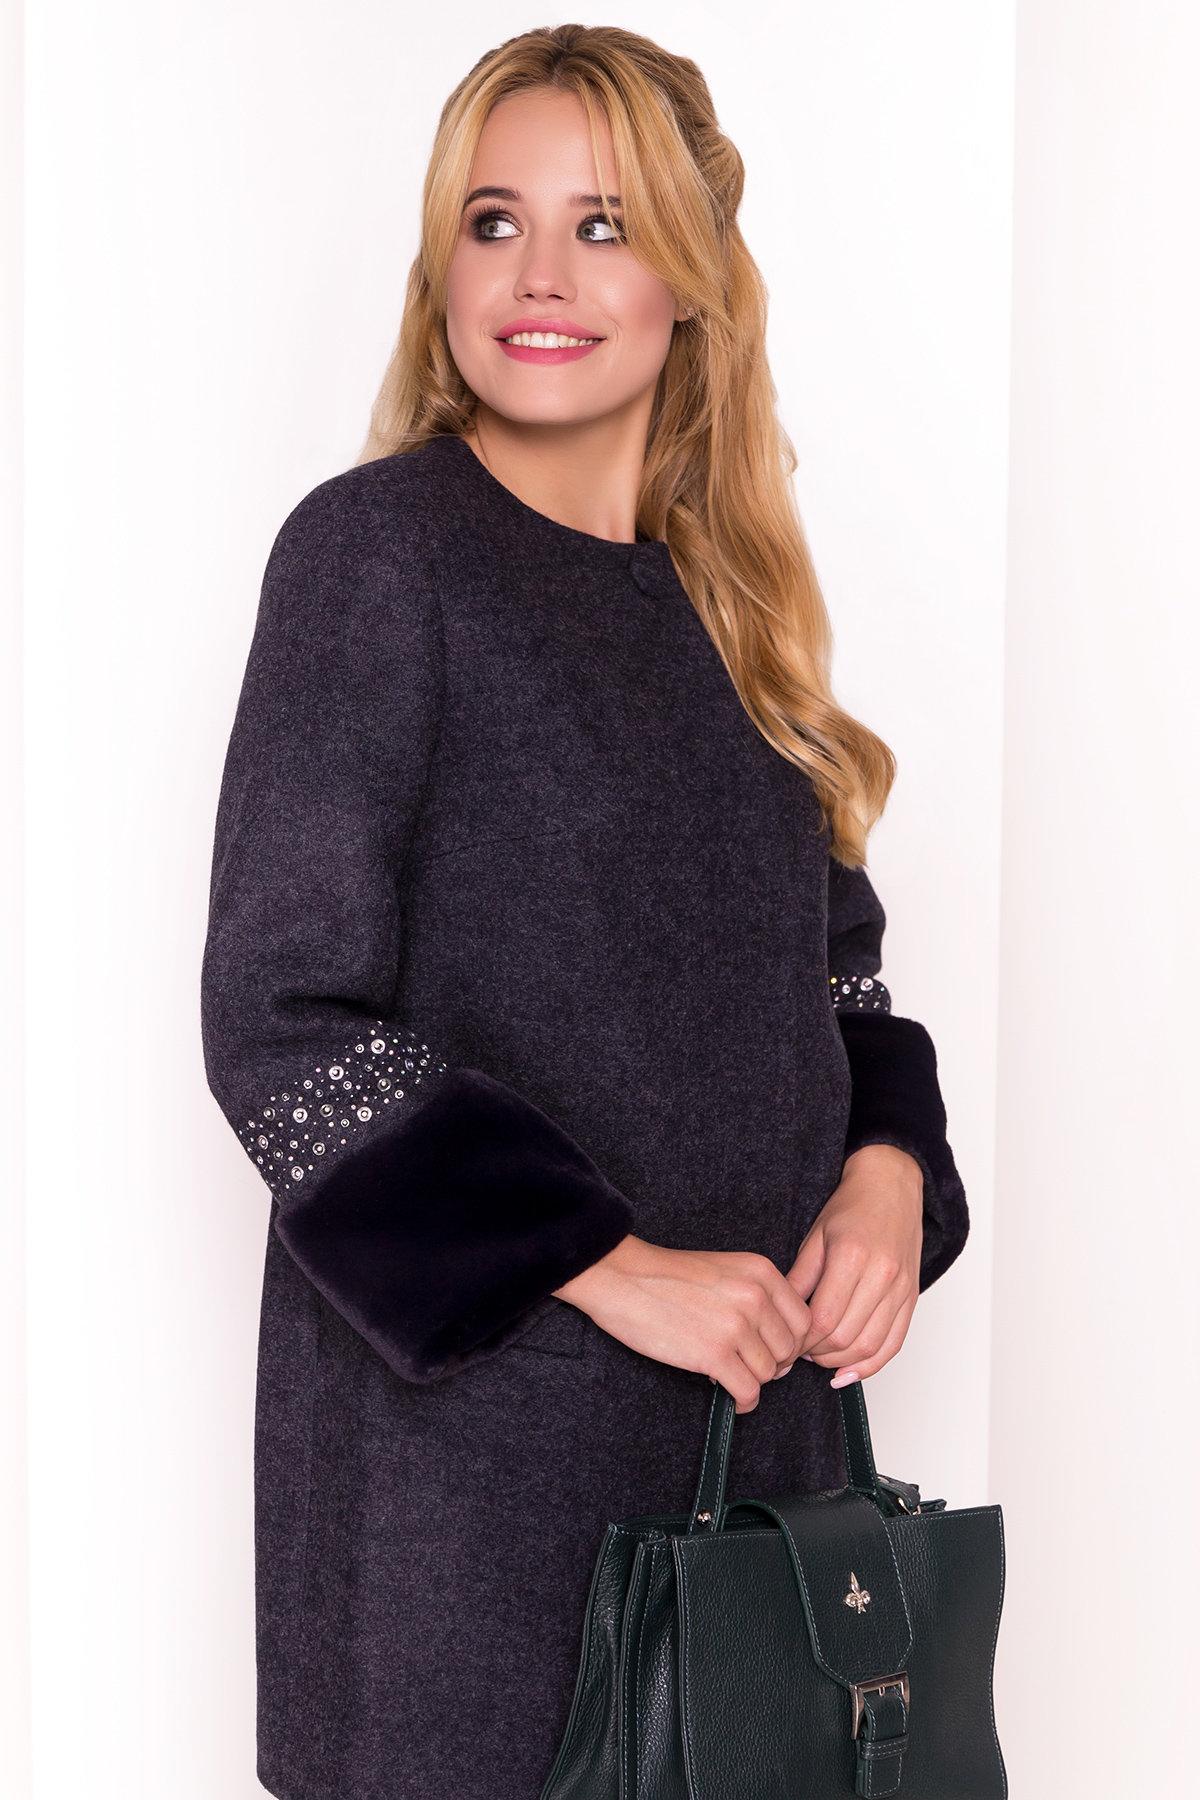 Пальто Амелия 4396 АРТ. 21450 Цвет: Темно-синий - фото 4, интернет магазин tm-modus.ru